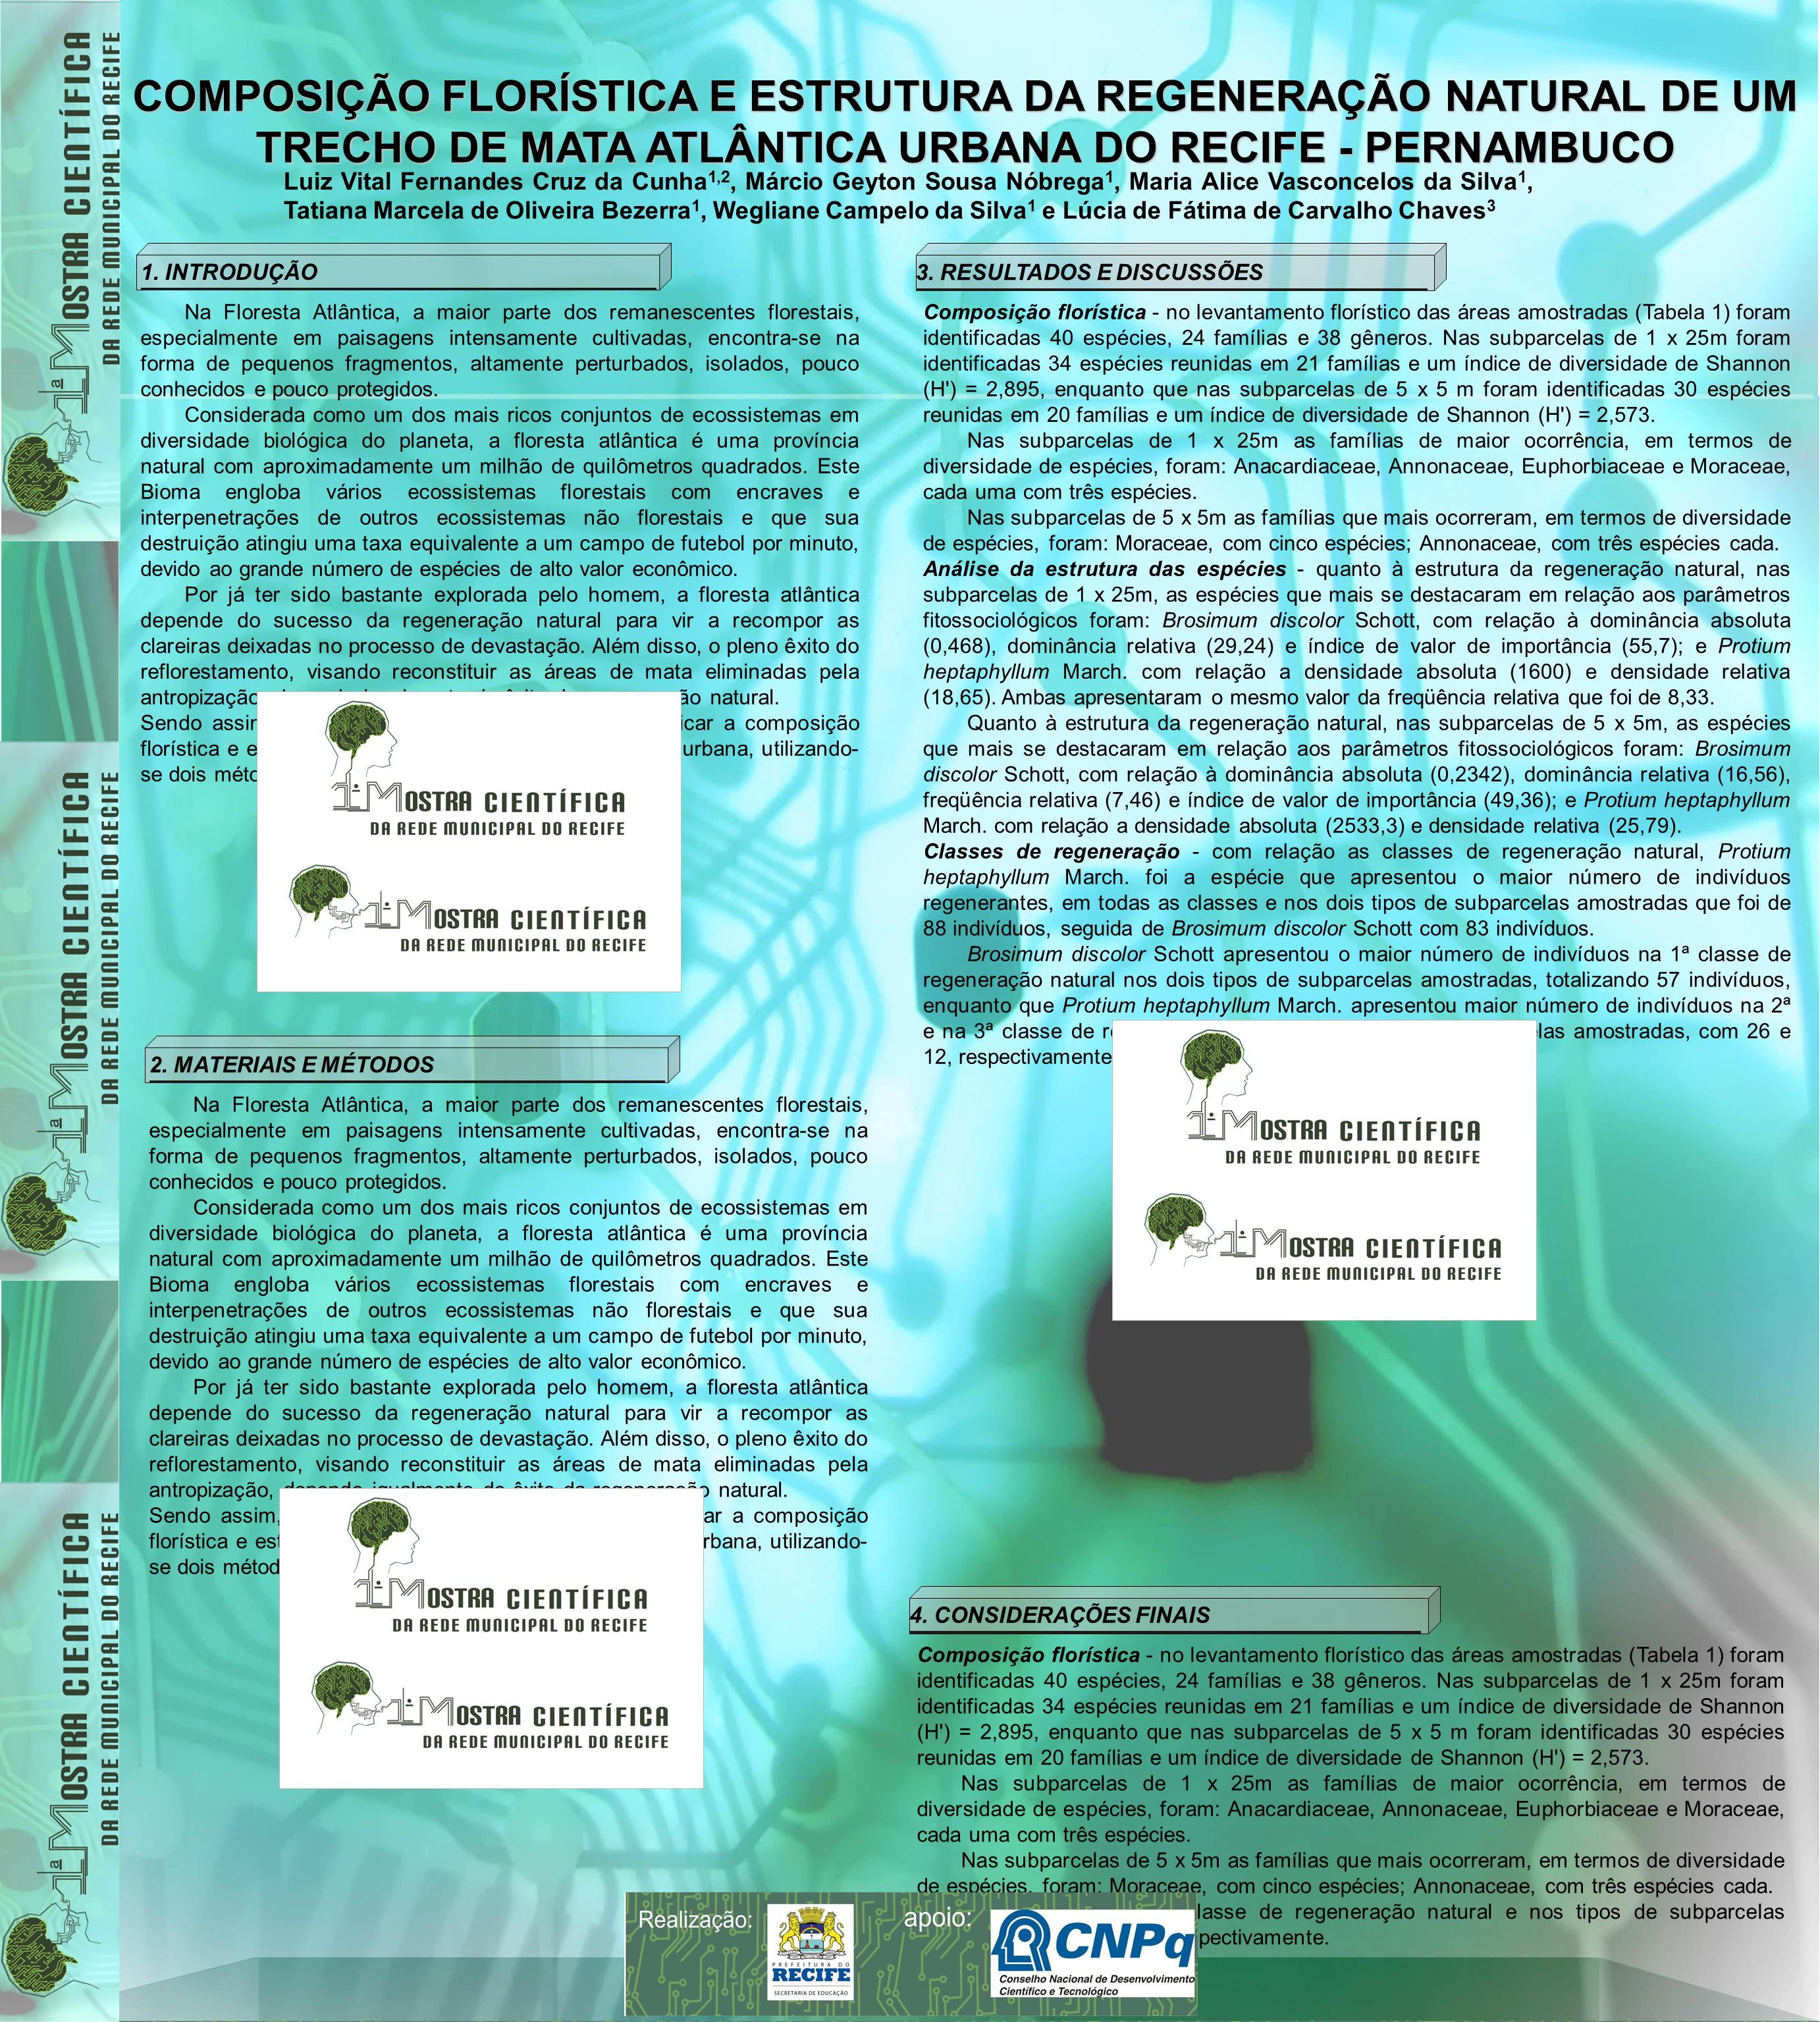 COMPOSIÇÃO FLORÍSTICA E ESTRUTURA DA REGENERAÇÃO NATURAL DE UM TRECHO DE MATA ATLÂNTICA URBANA DO RECIFE - PERNAMBUCO